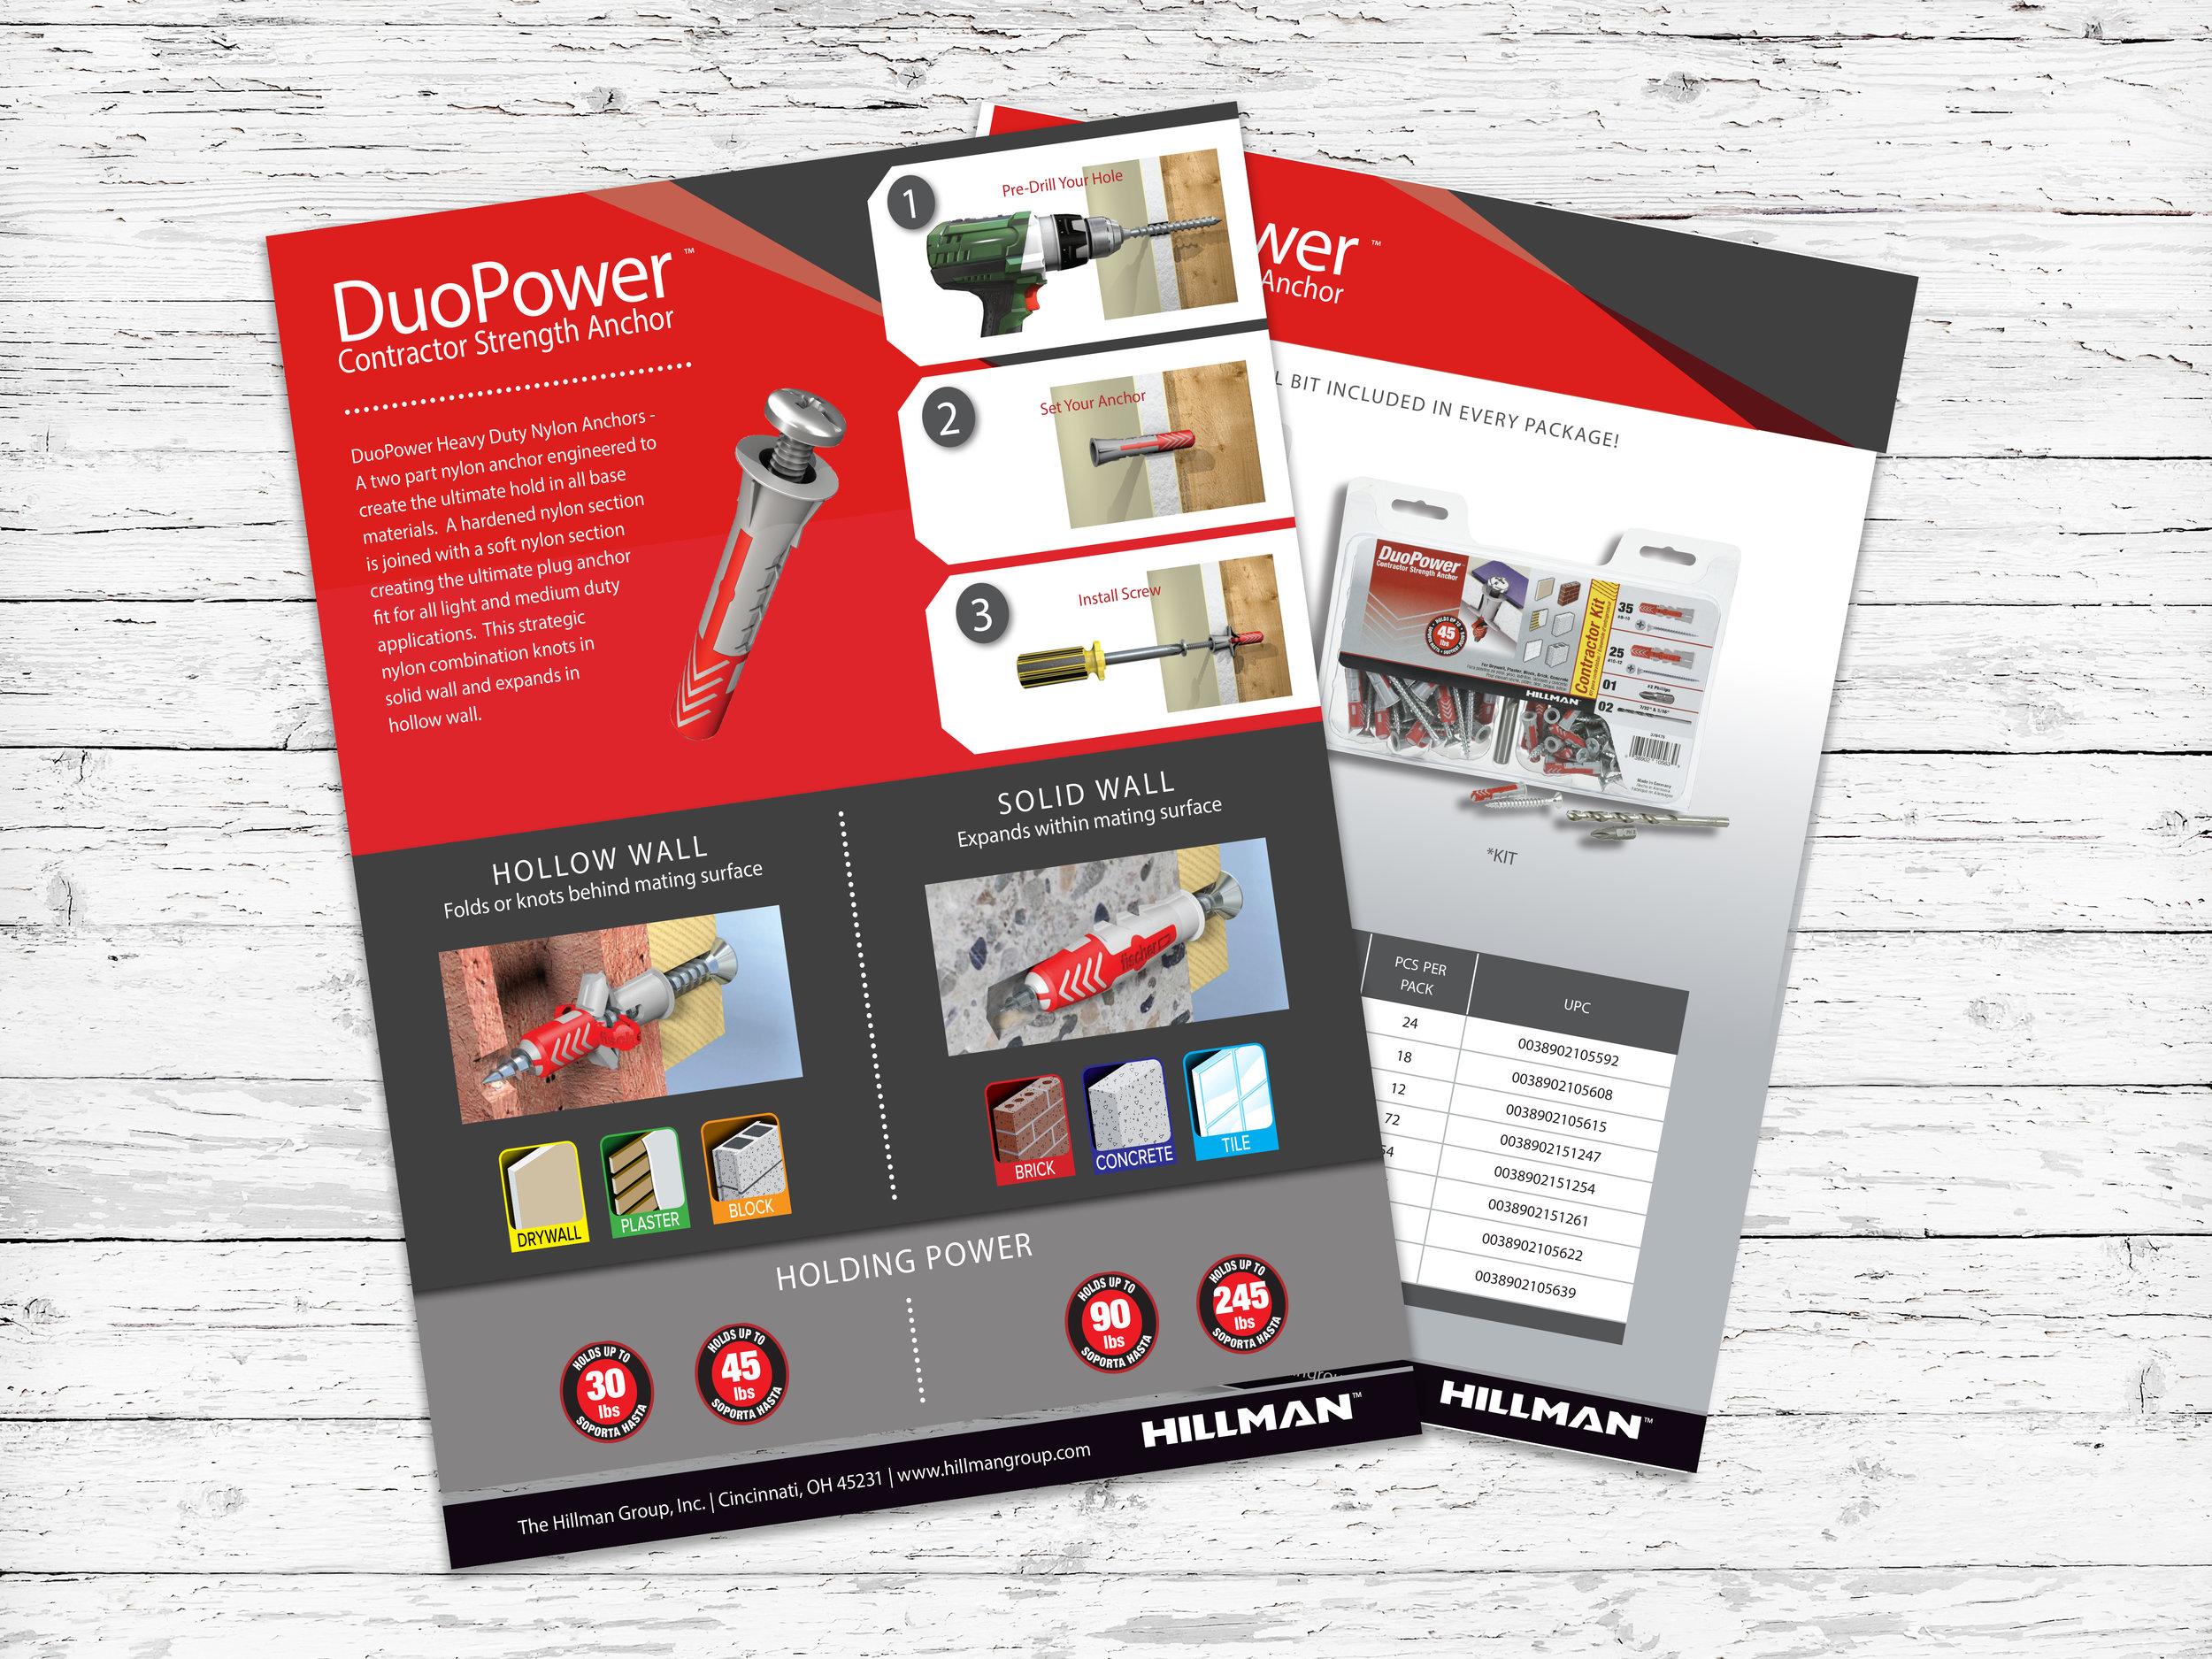 Hillman_DuoPower_flyer.jpg